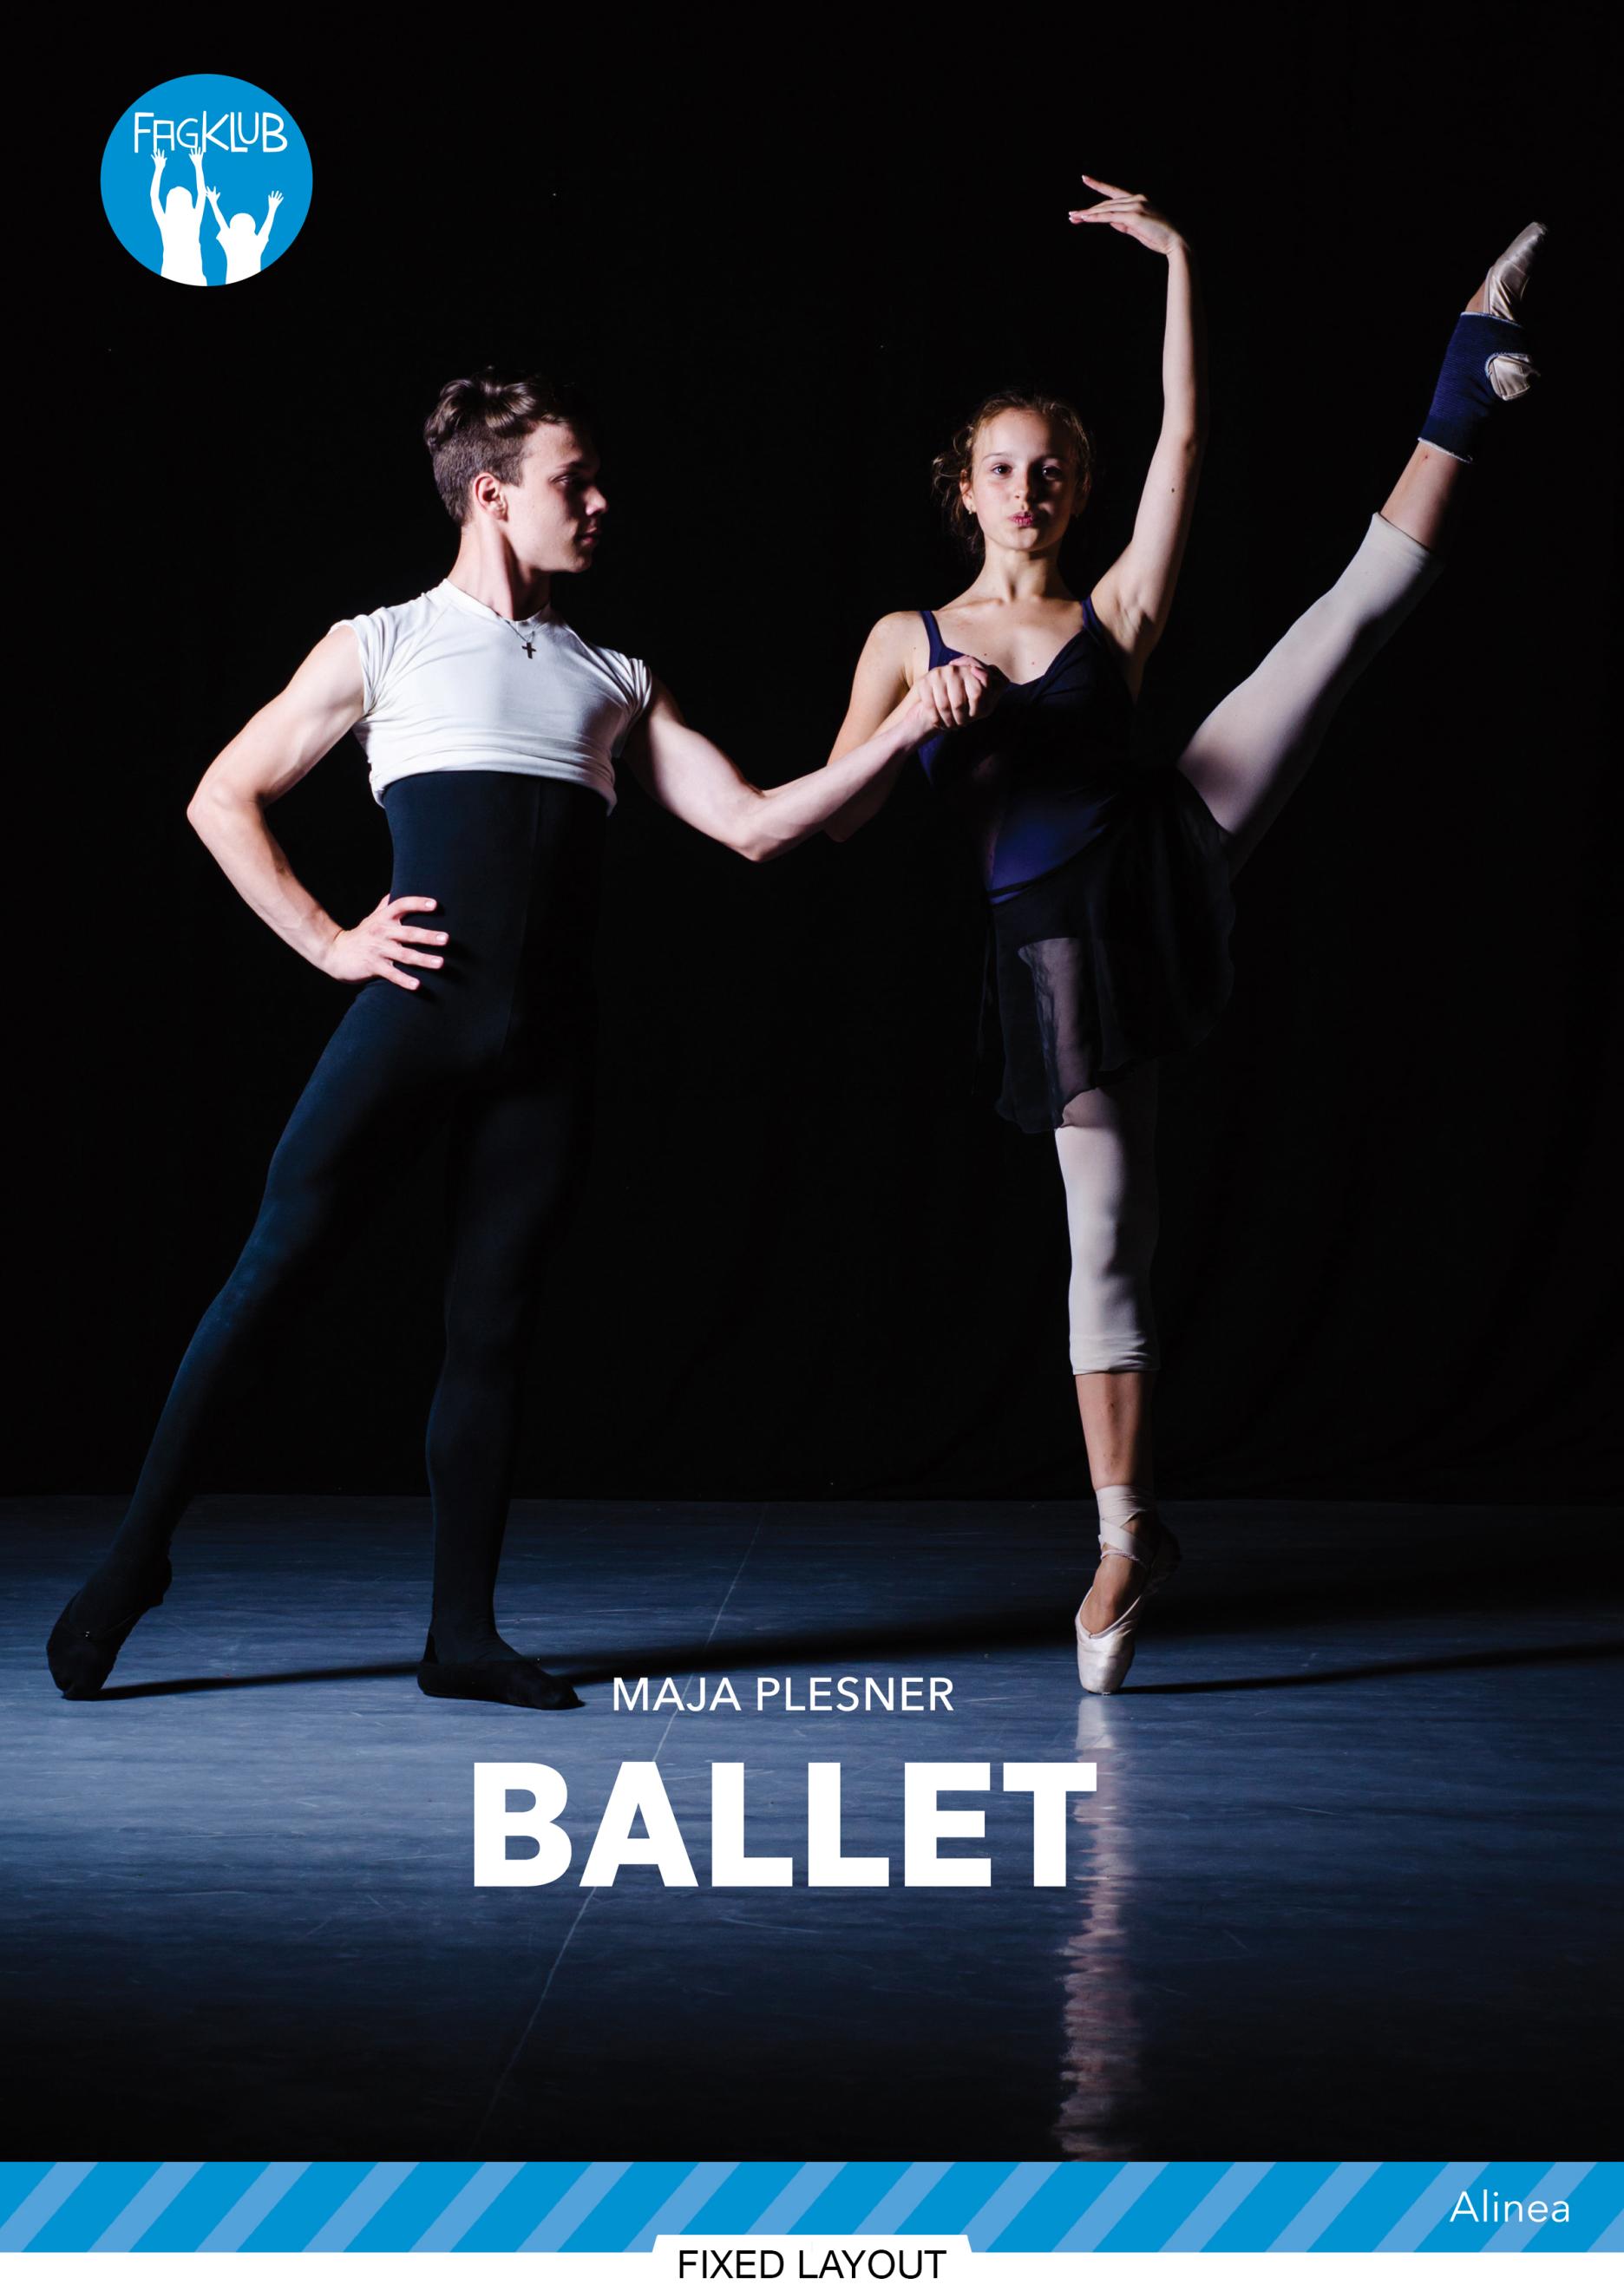 Ballet, Blå Fagklub - Maneno - 14127